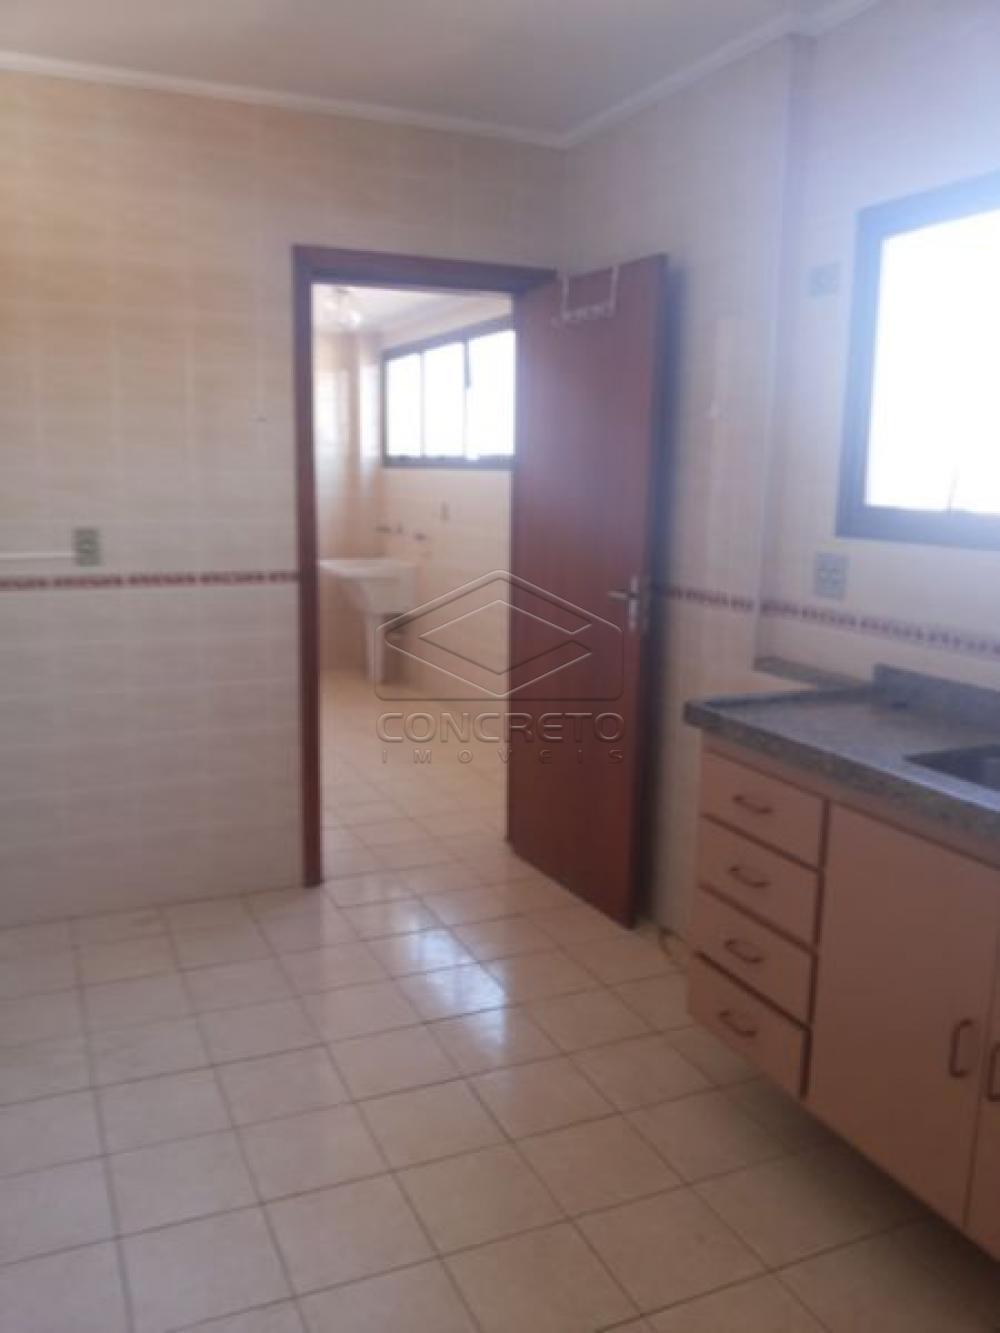 Alugar Apartamento / Padrão em Botucatu R$ 1.170,00 - Foto 14